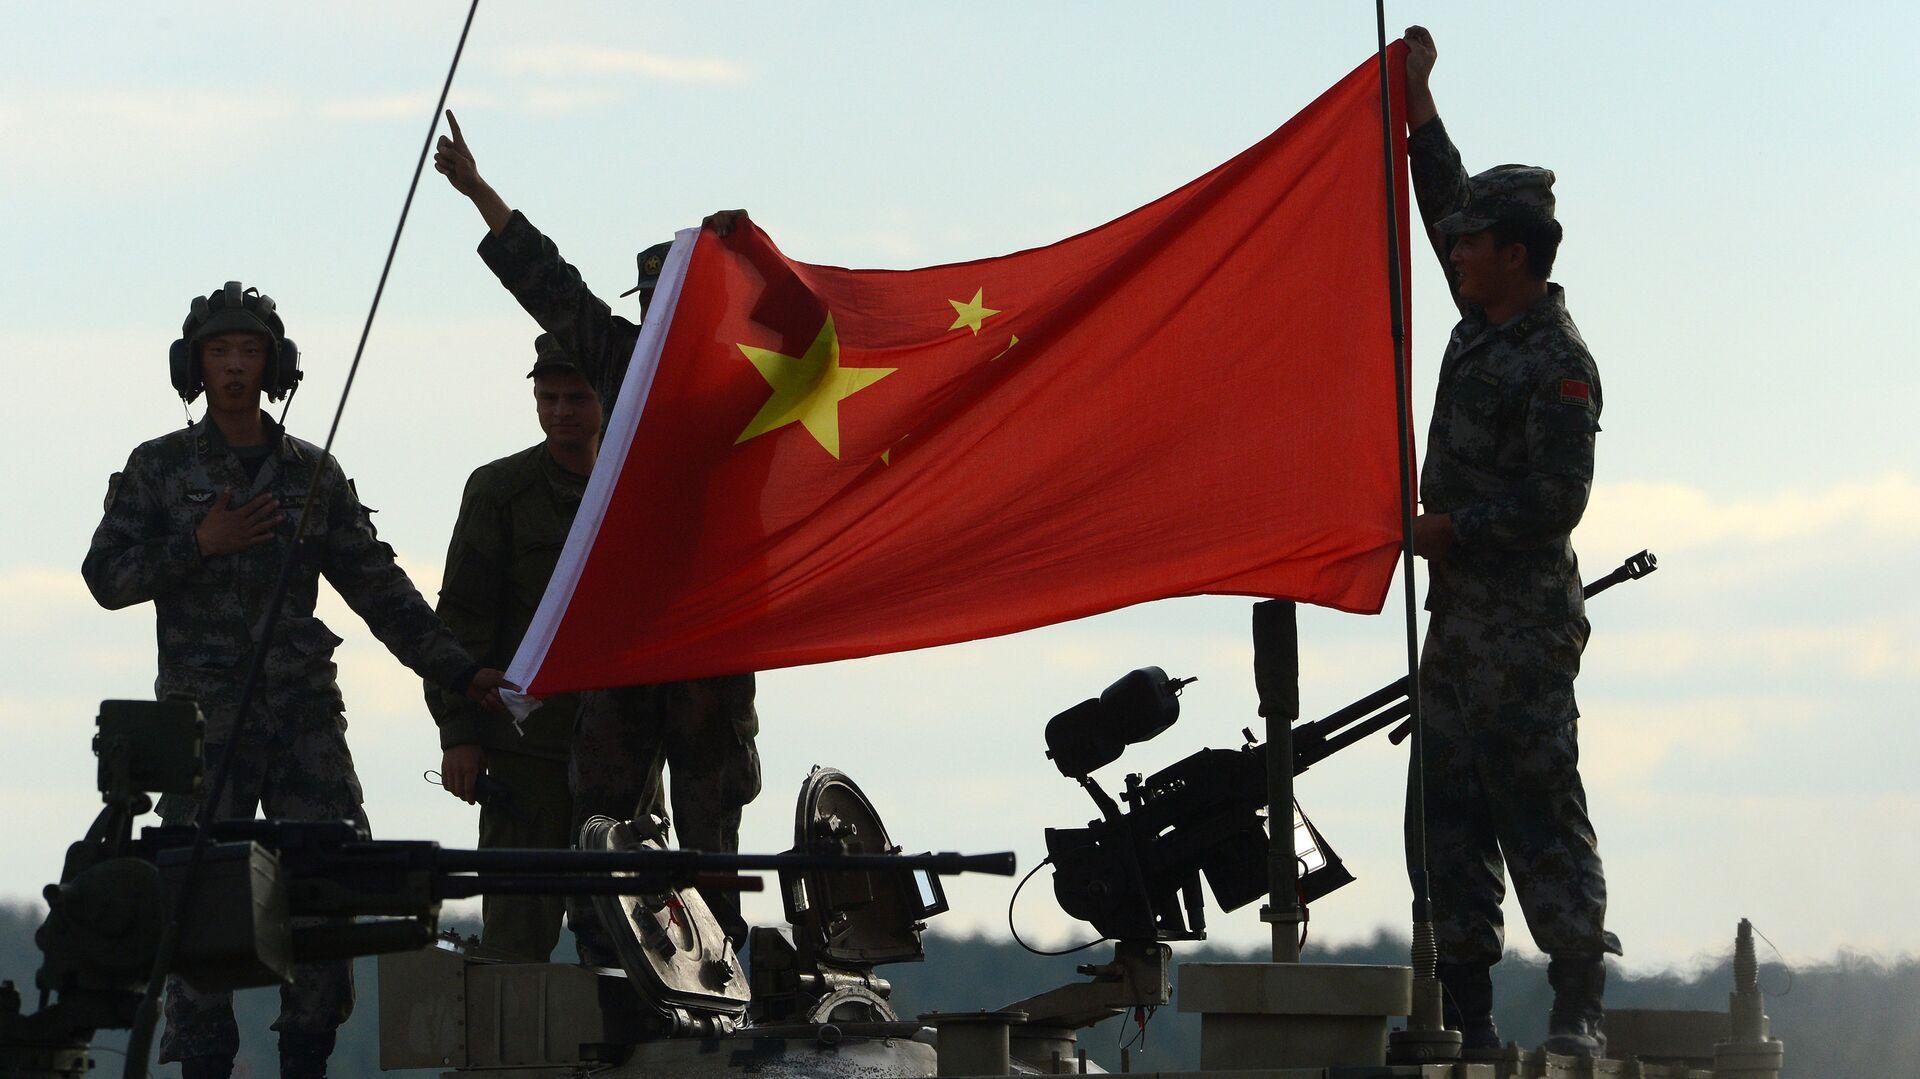 Los militares chinos con la bandera de su país - Sputnik Mundo, 1920, 22.05.2021